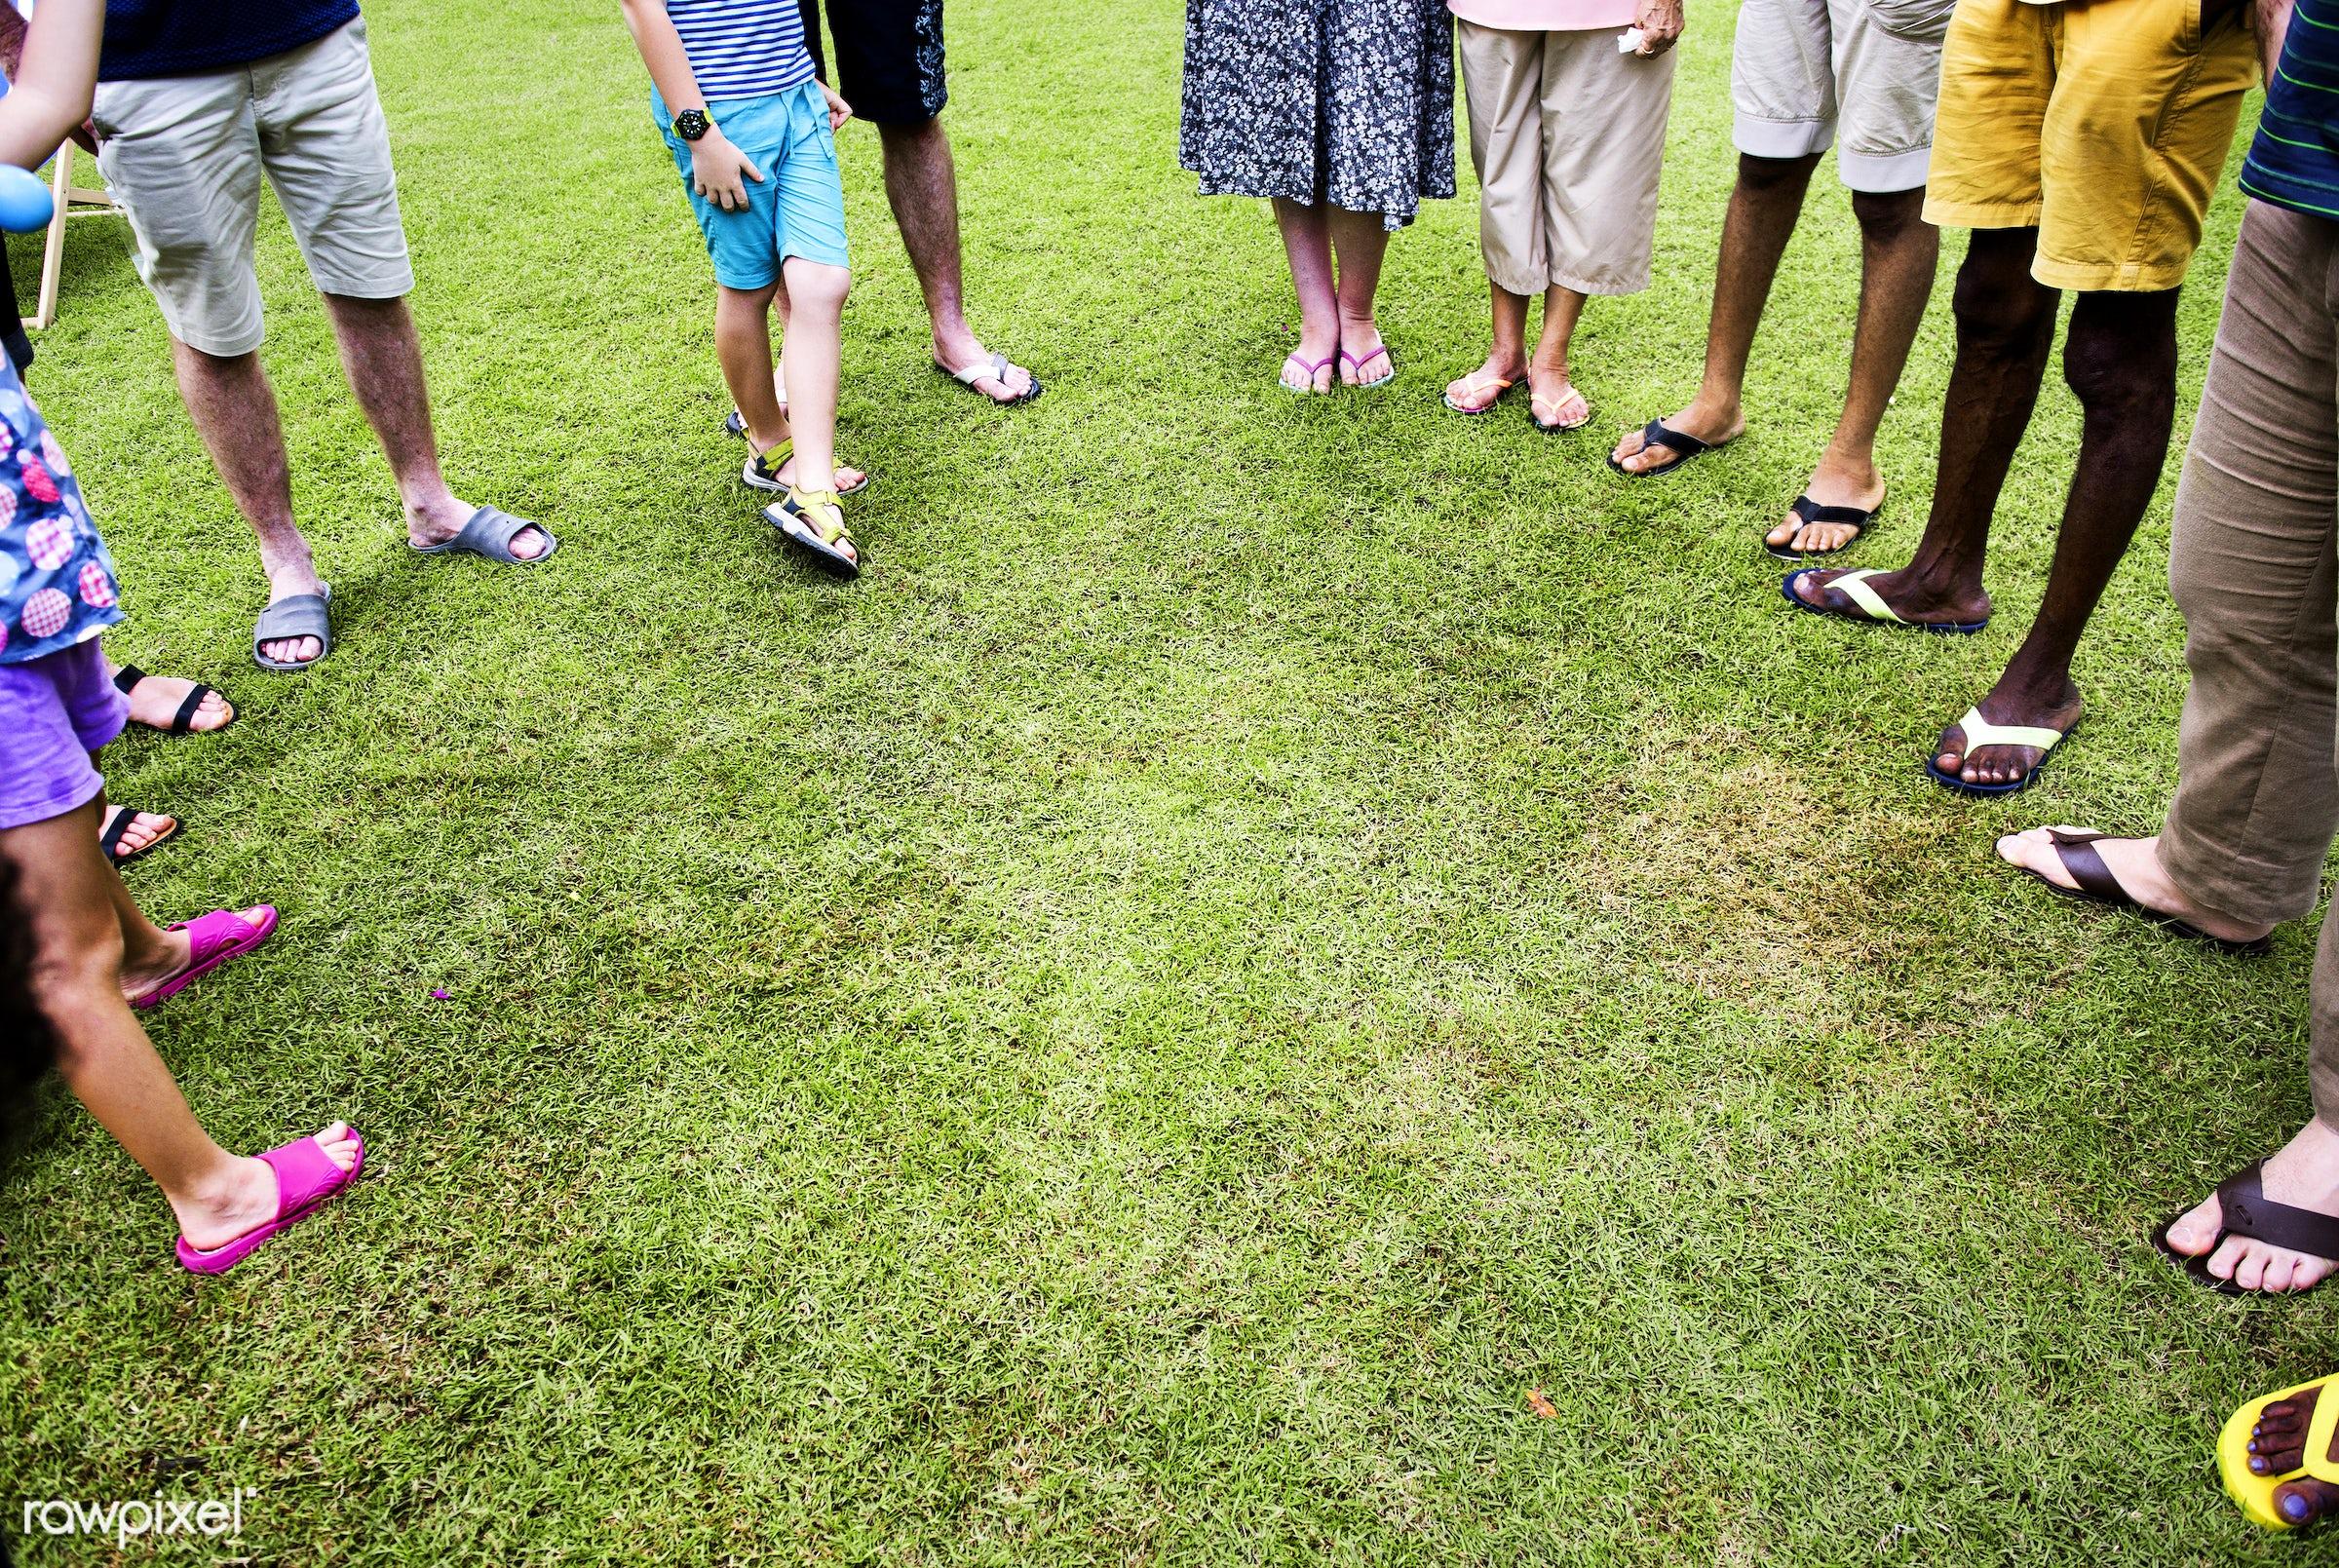 grass, backyard, cheerful, diversity, enjoyment, feet, friends, friendship, gathering, happiness, legs, outdoors, senior...